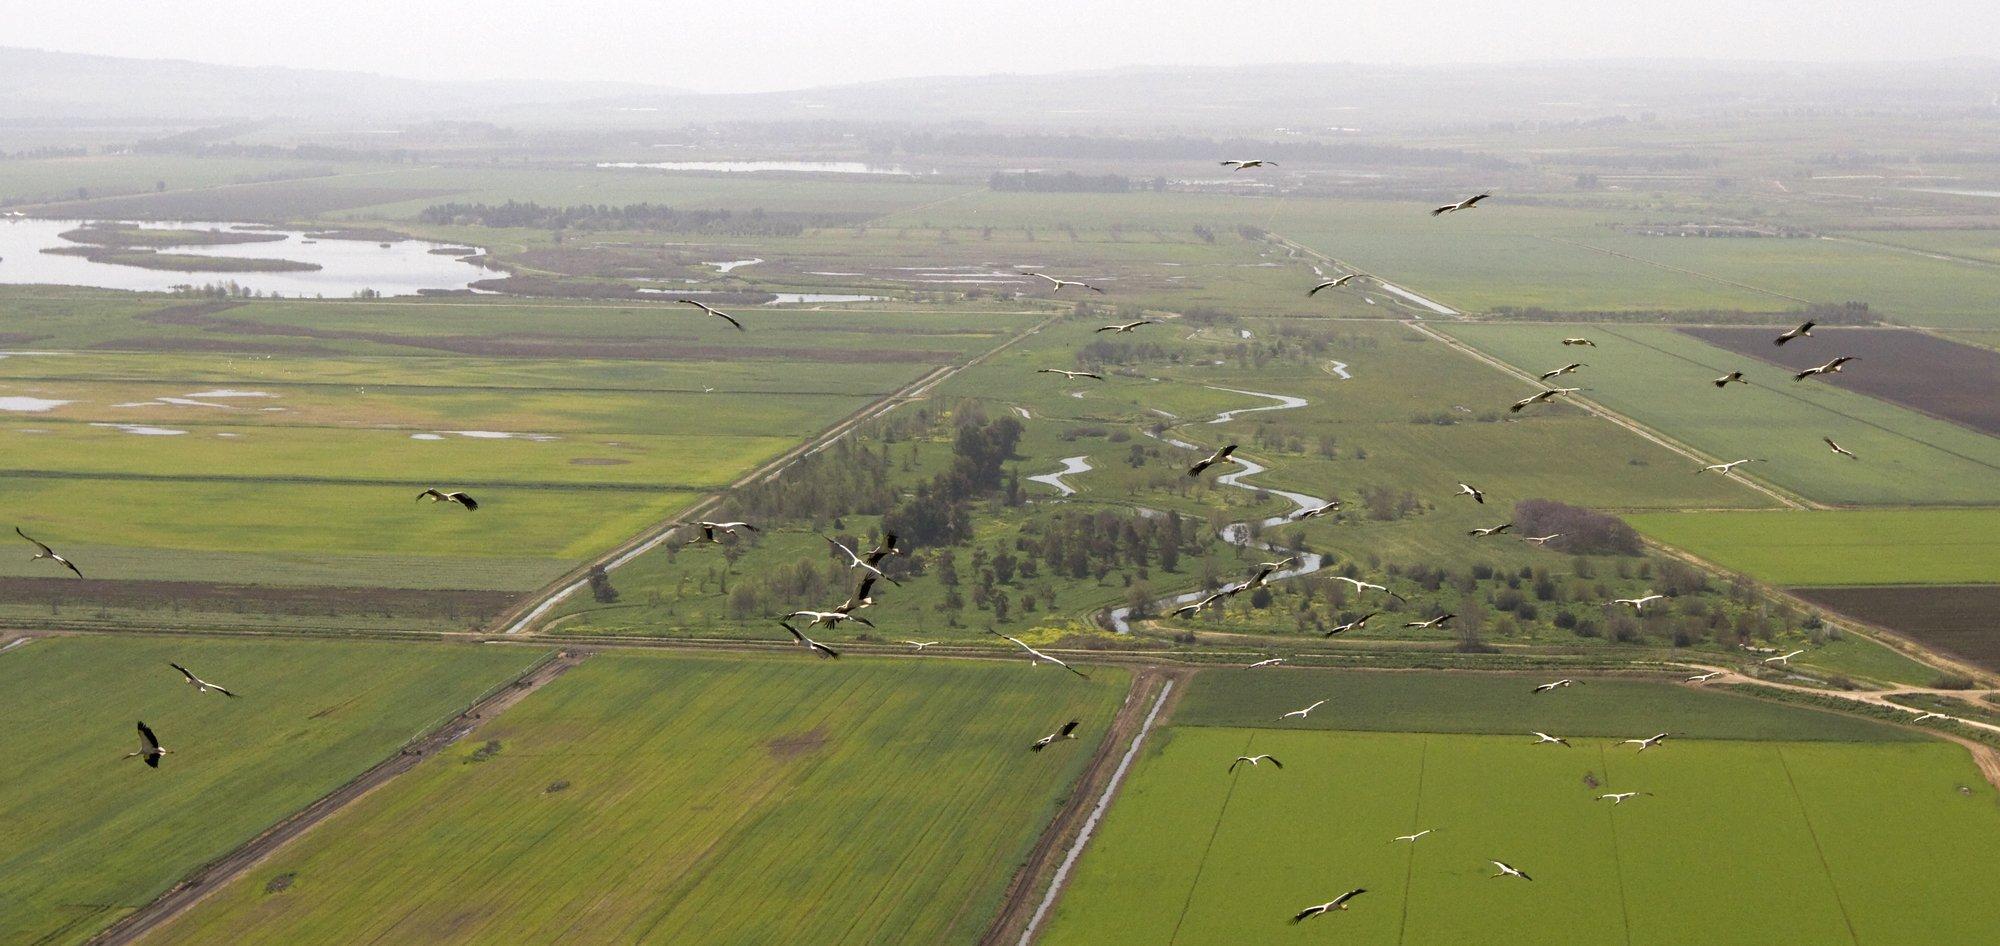 Ein Luftbild von Störchen, die über die Landschaft Galiläas in Israel fliegen